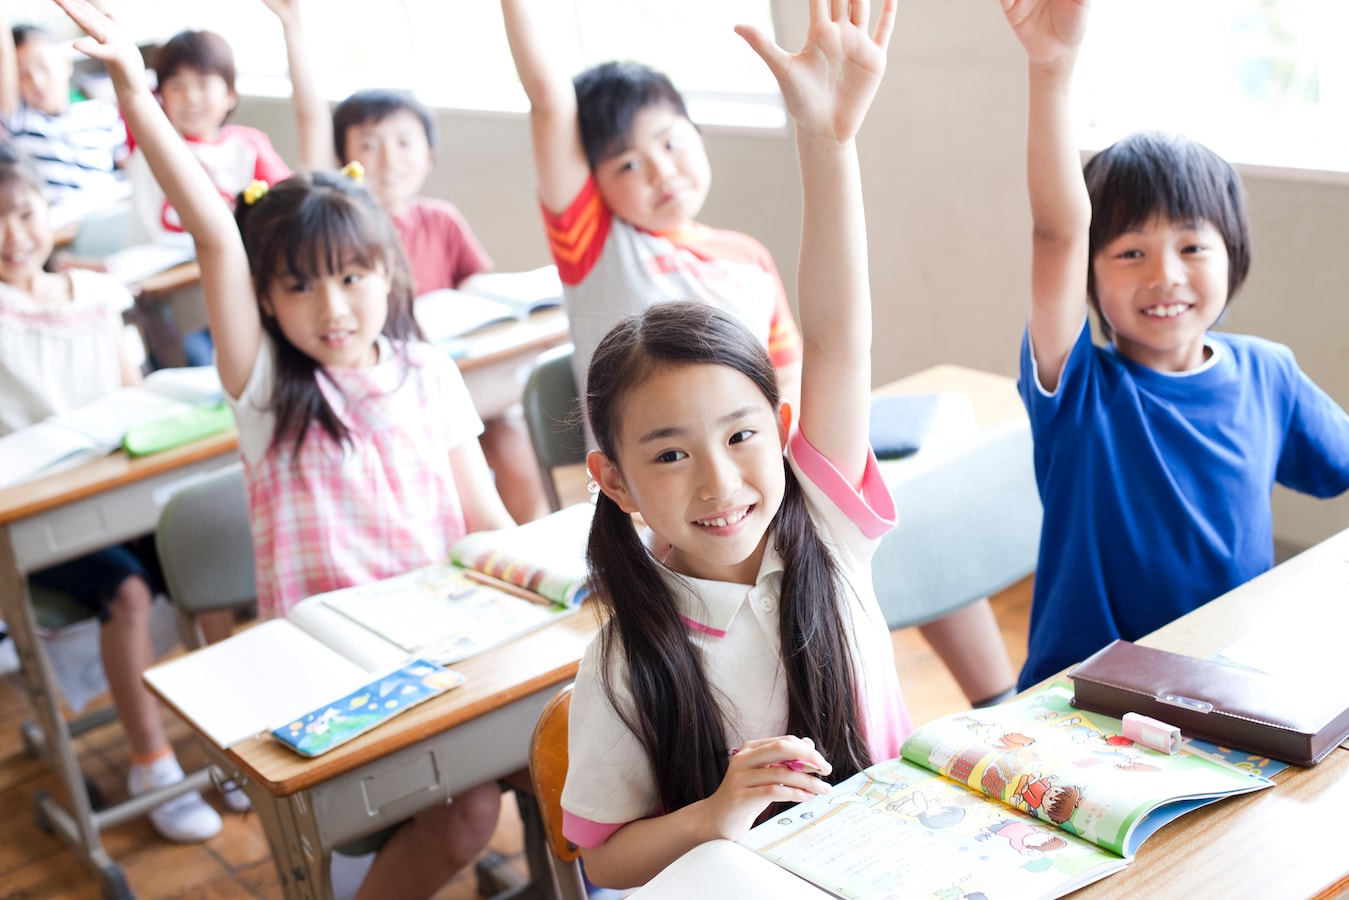 「挙手 小学生」の画像検索結果